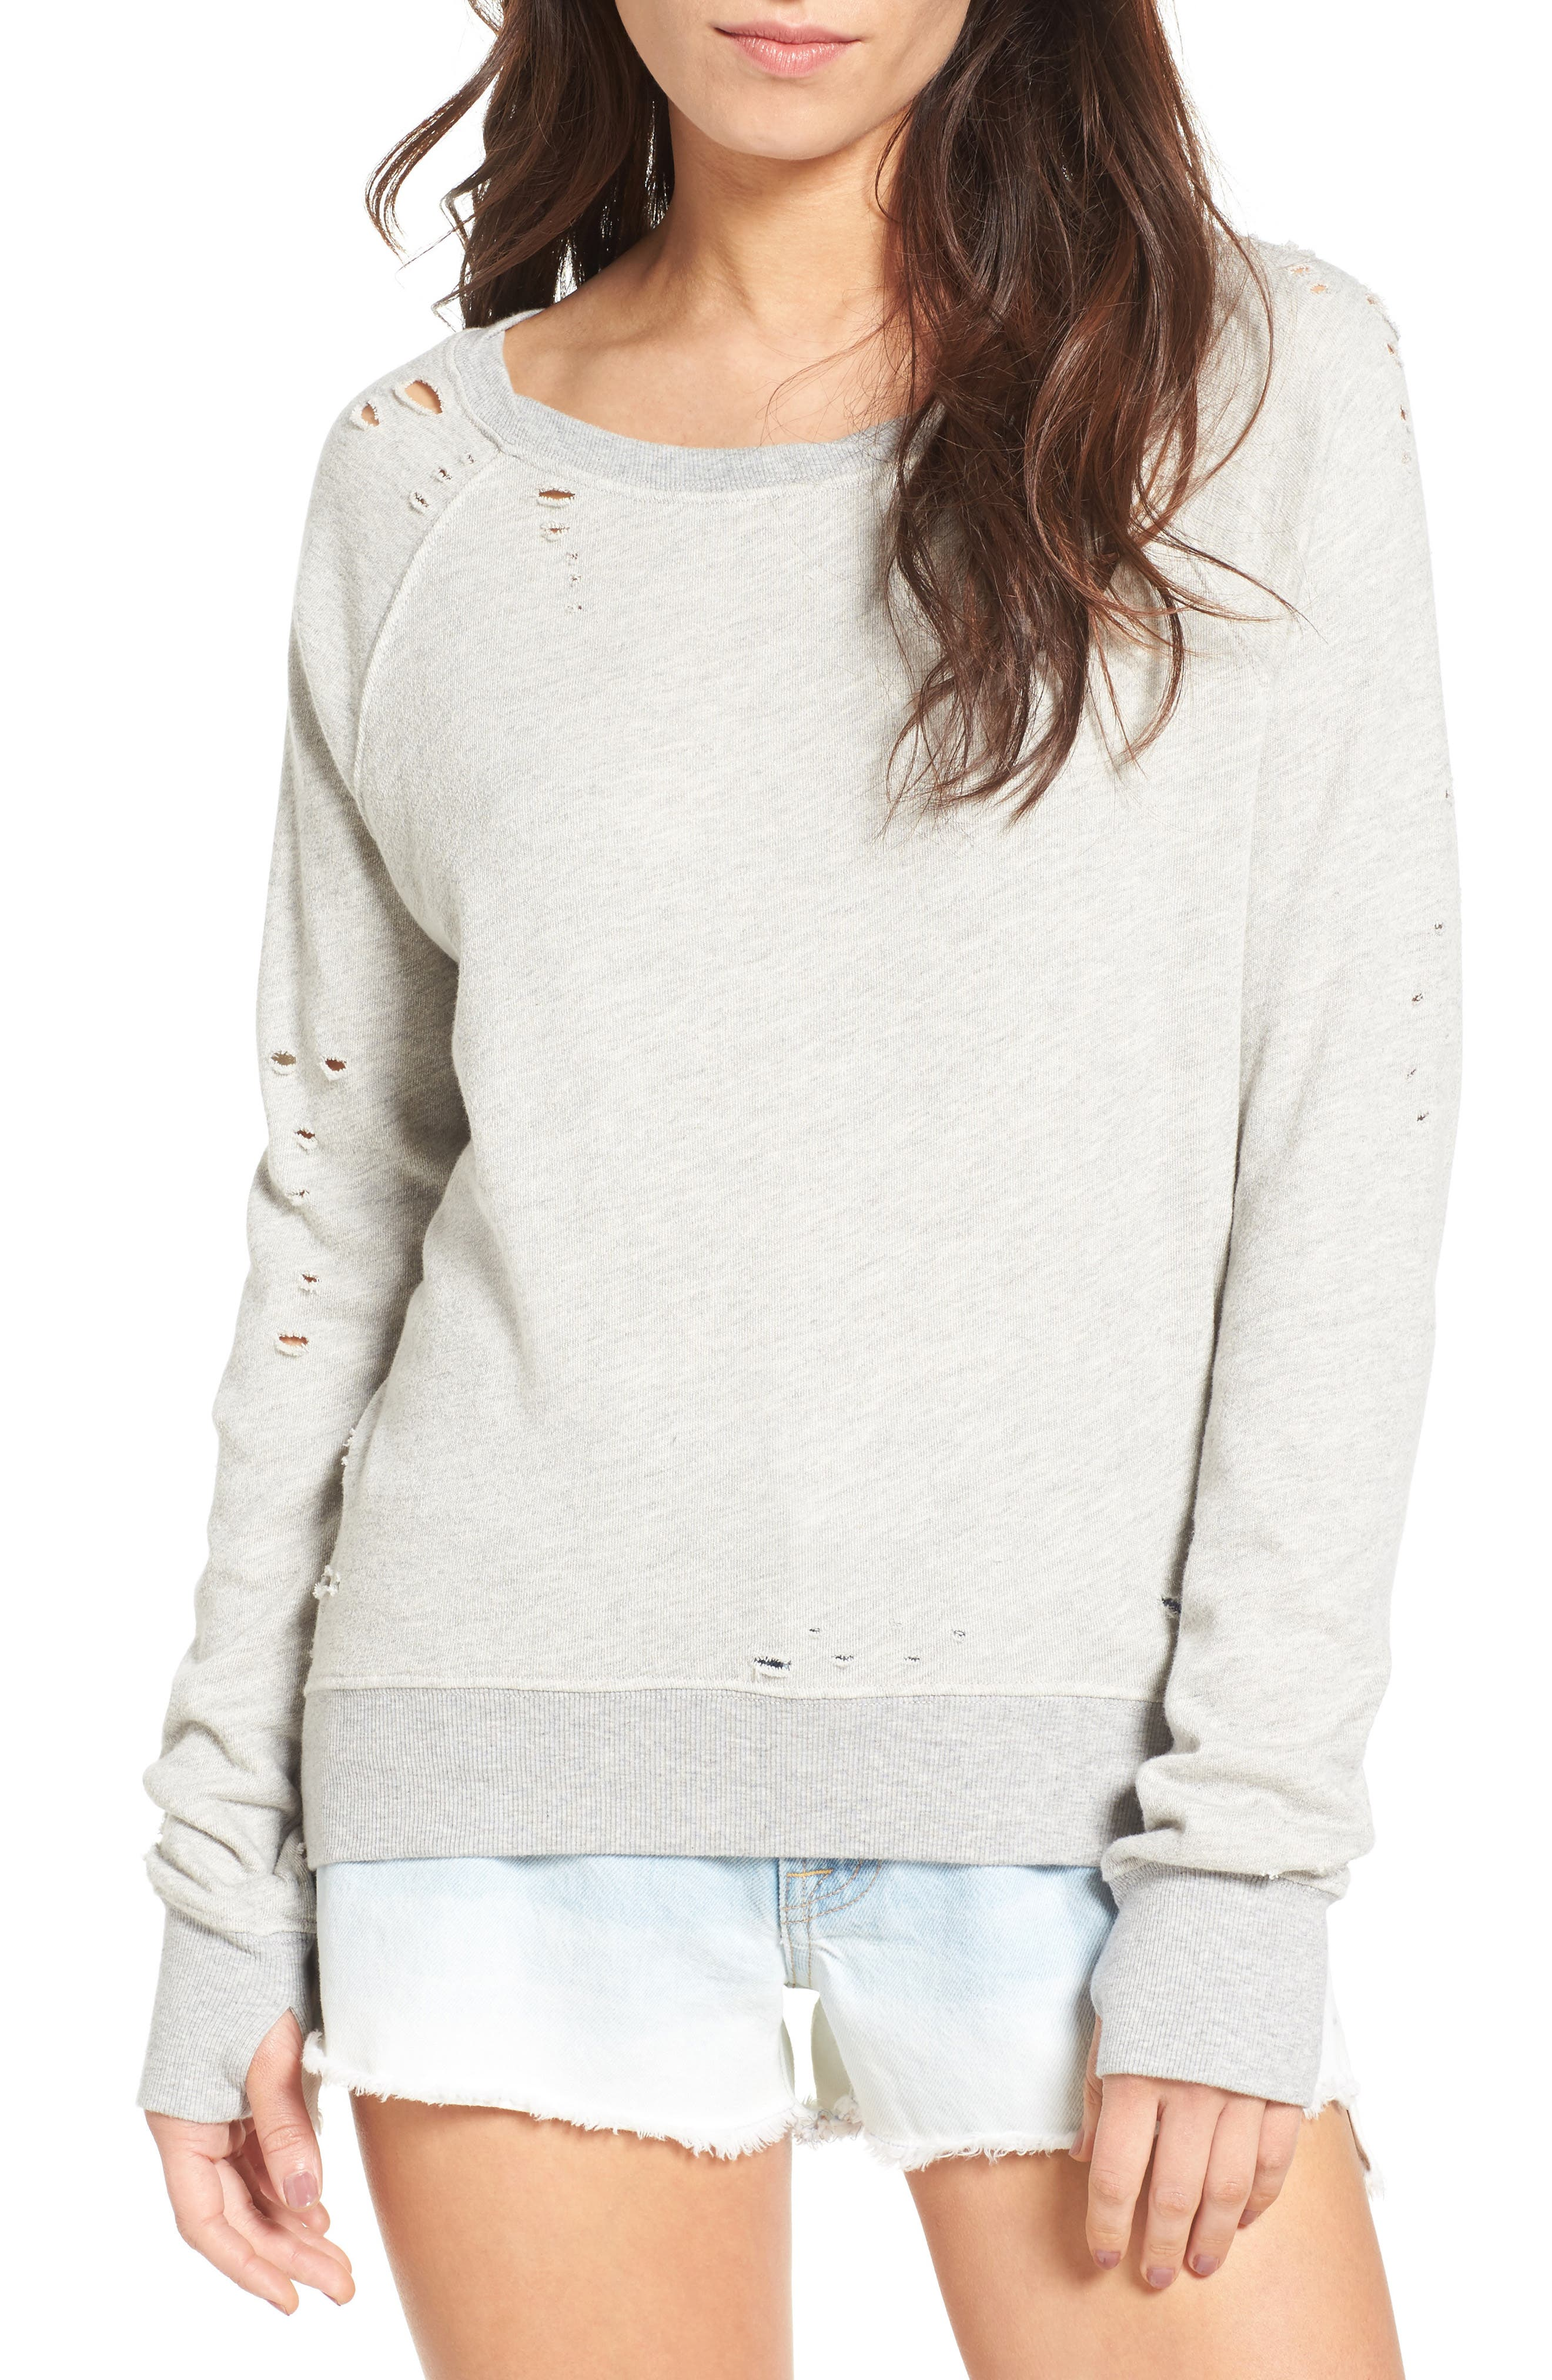 Alternate Image 1 Selected - Pam & Gela 'Annie' Destroyed High/Low Sweatshirt